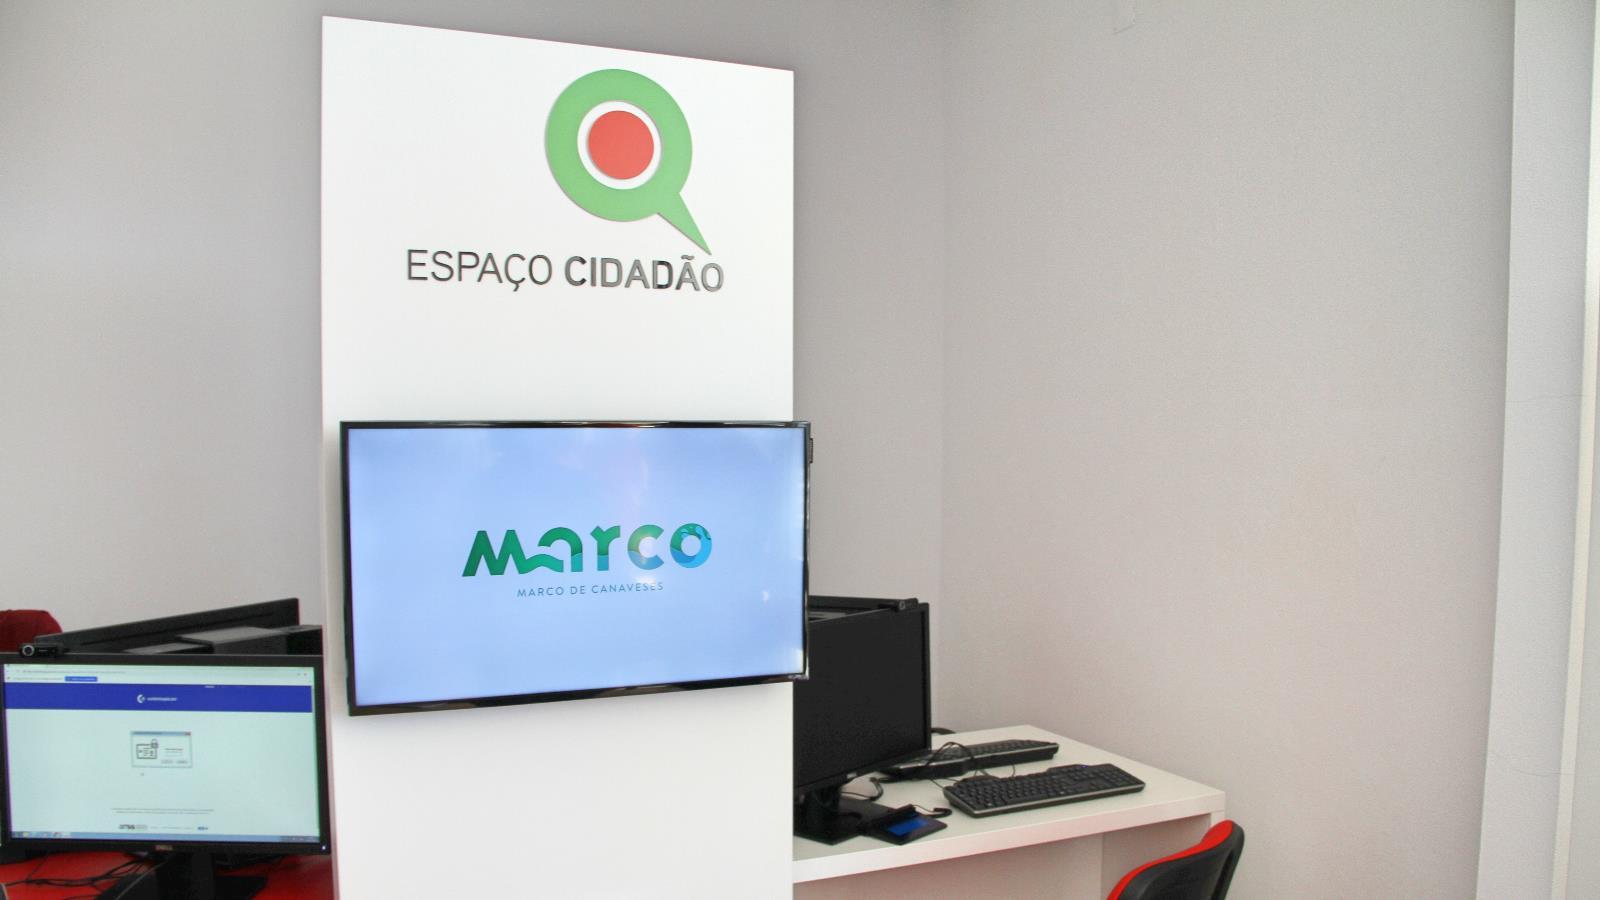 Atendimento nos Espaços Cidadão no Marco aumentou 68% em